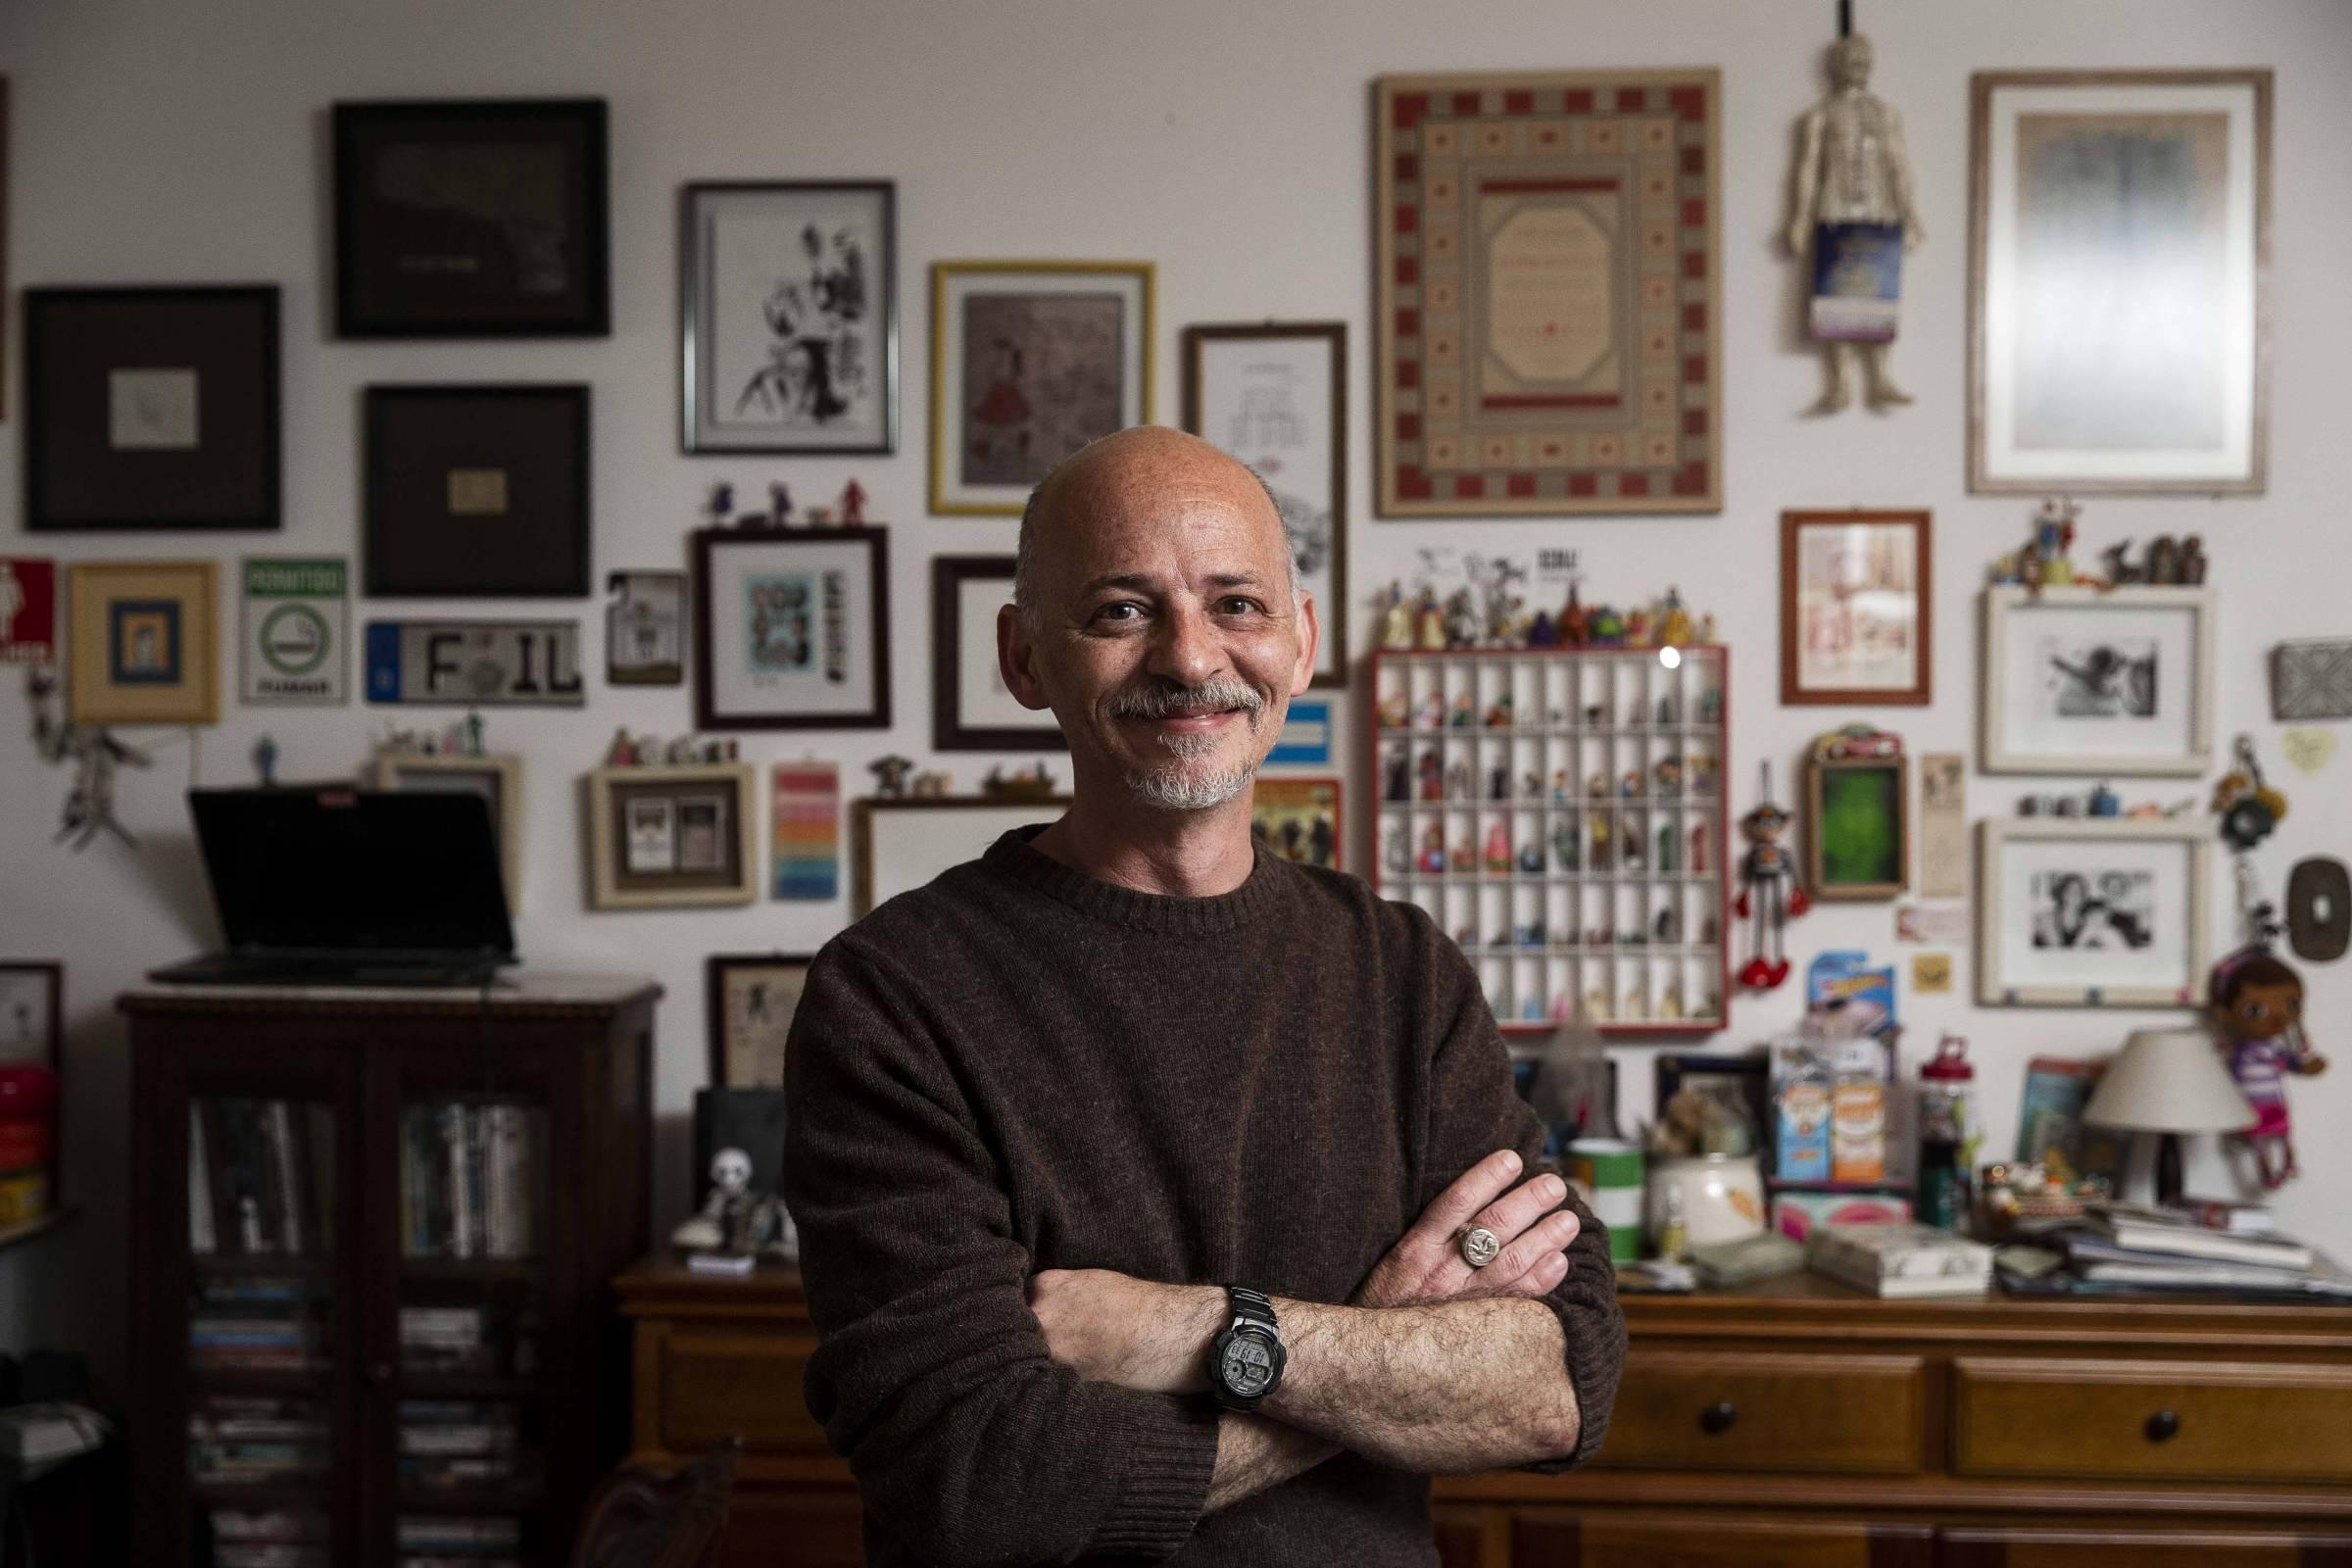 Lourenço Mutarelli realiza oficina literária na Balada Mês a Mês; confira informações